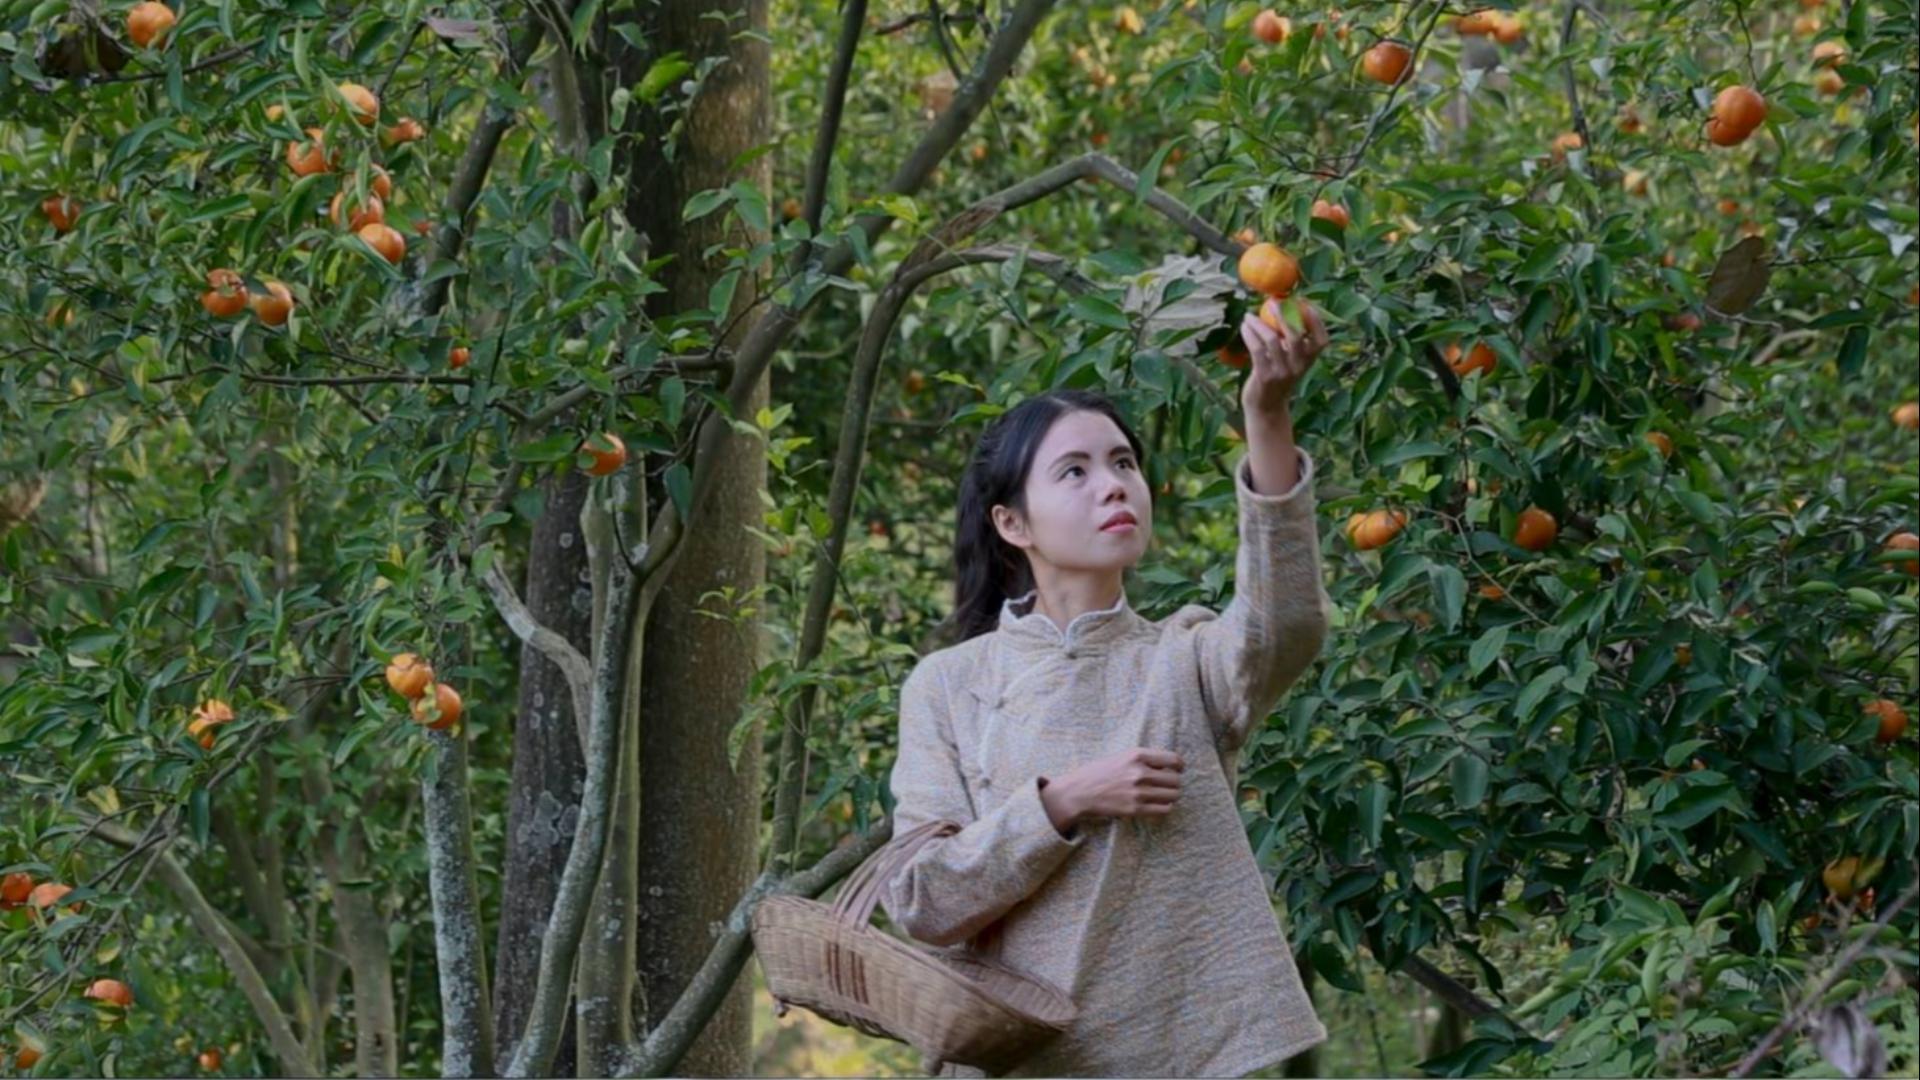 山里的橘子熟了,我把它摘下来晒干,做成美味的蒸排骨吃